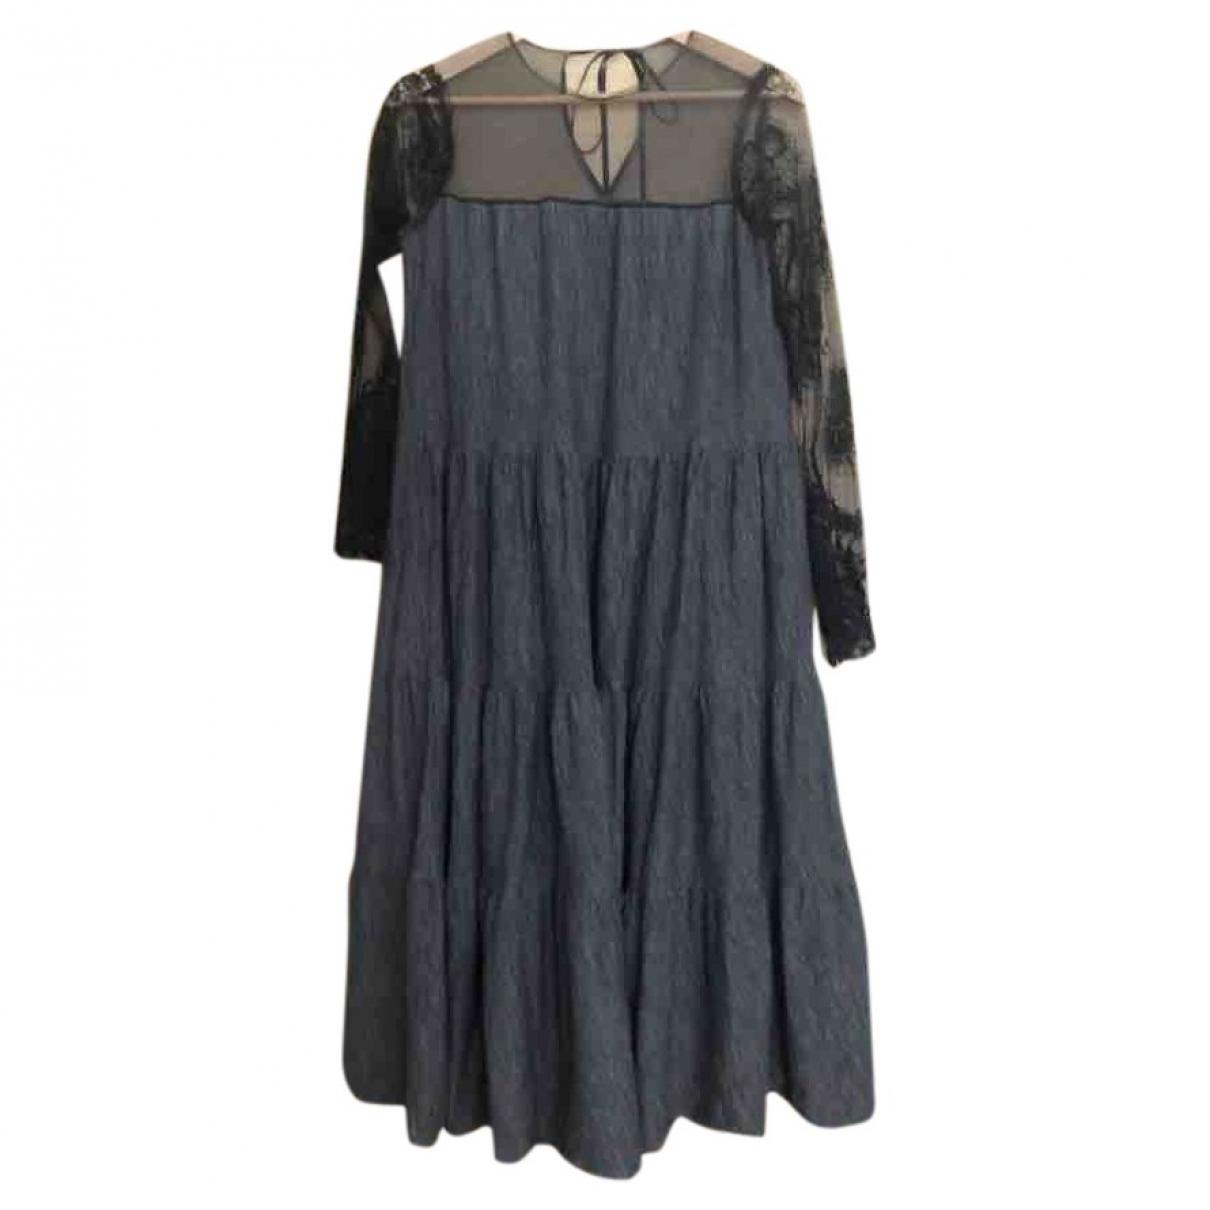 Lanvin \N Grey Wool dress for Women 38 FR